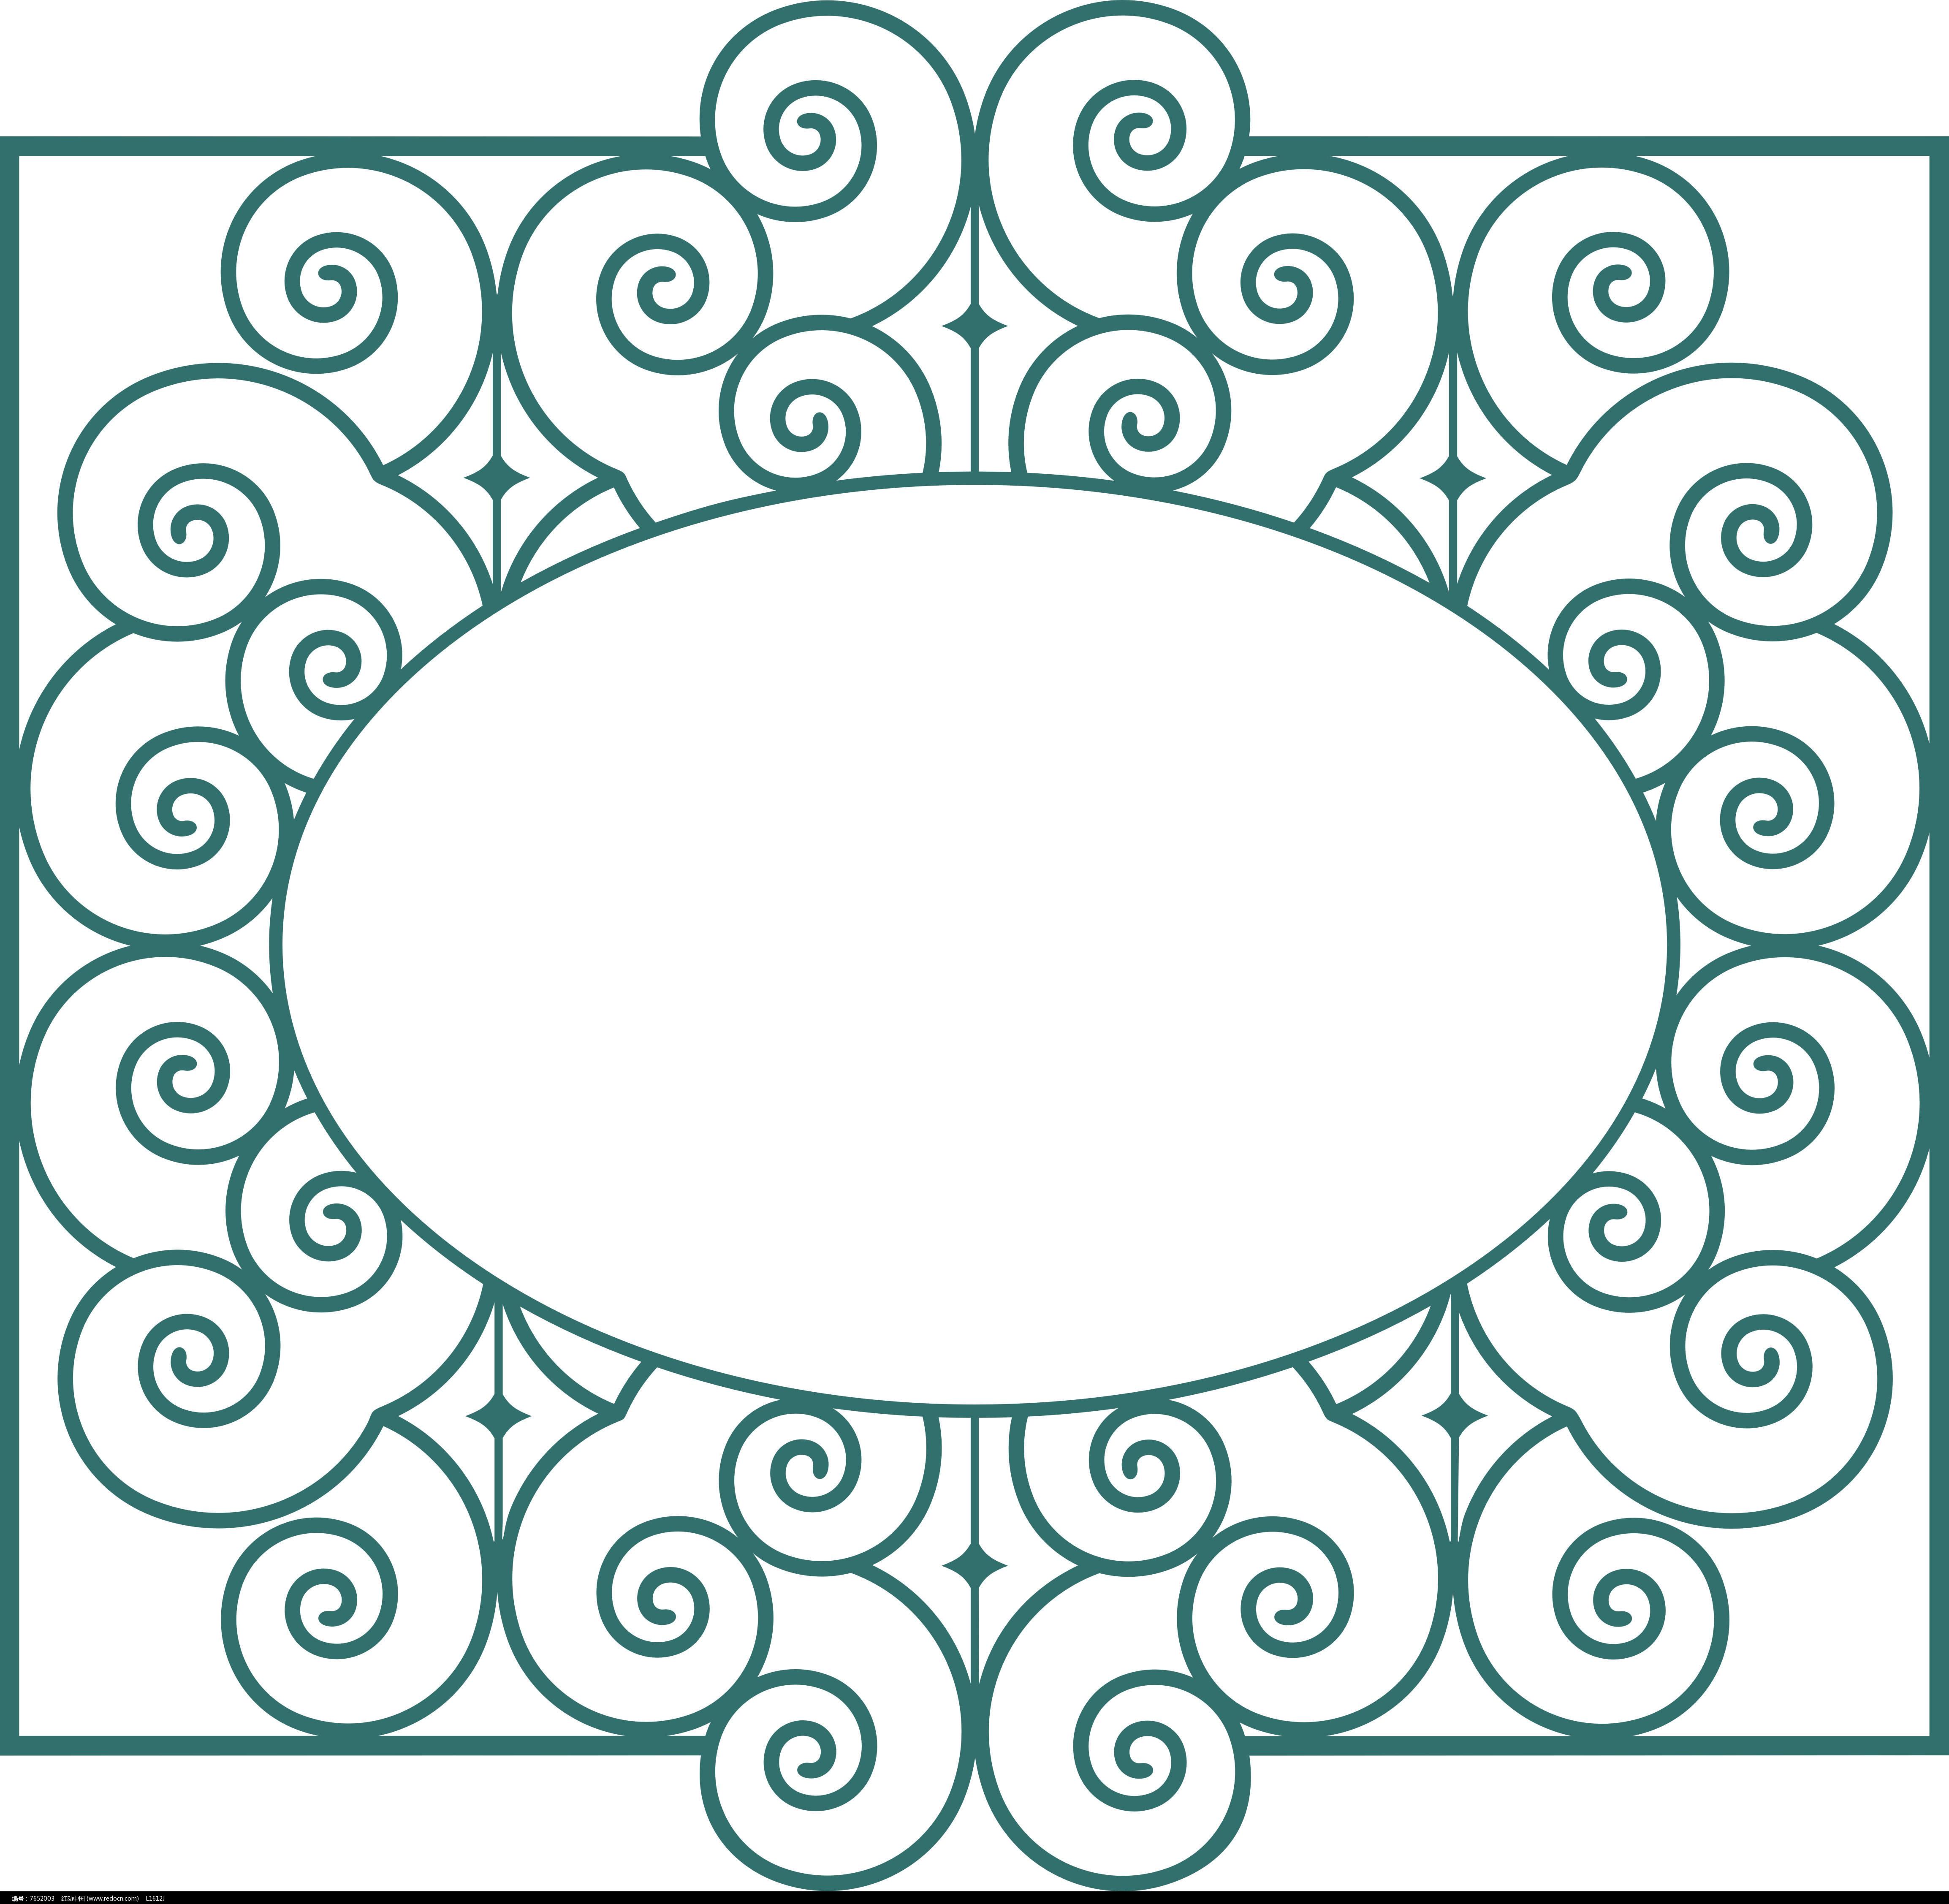 欧式椭圆图案图片